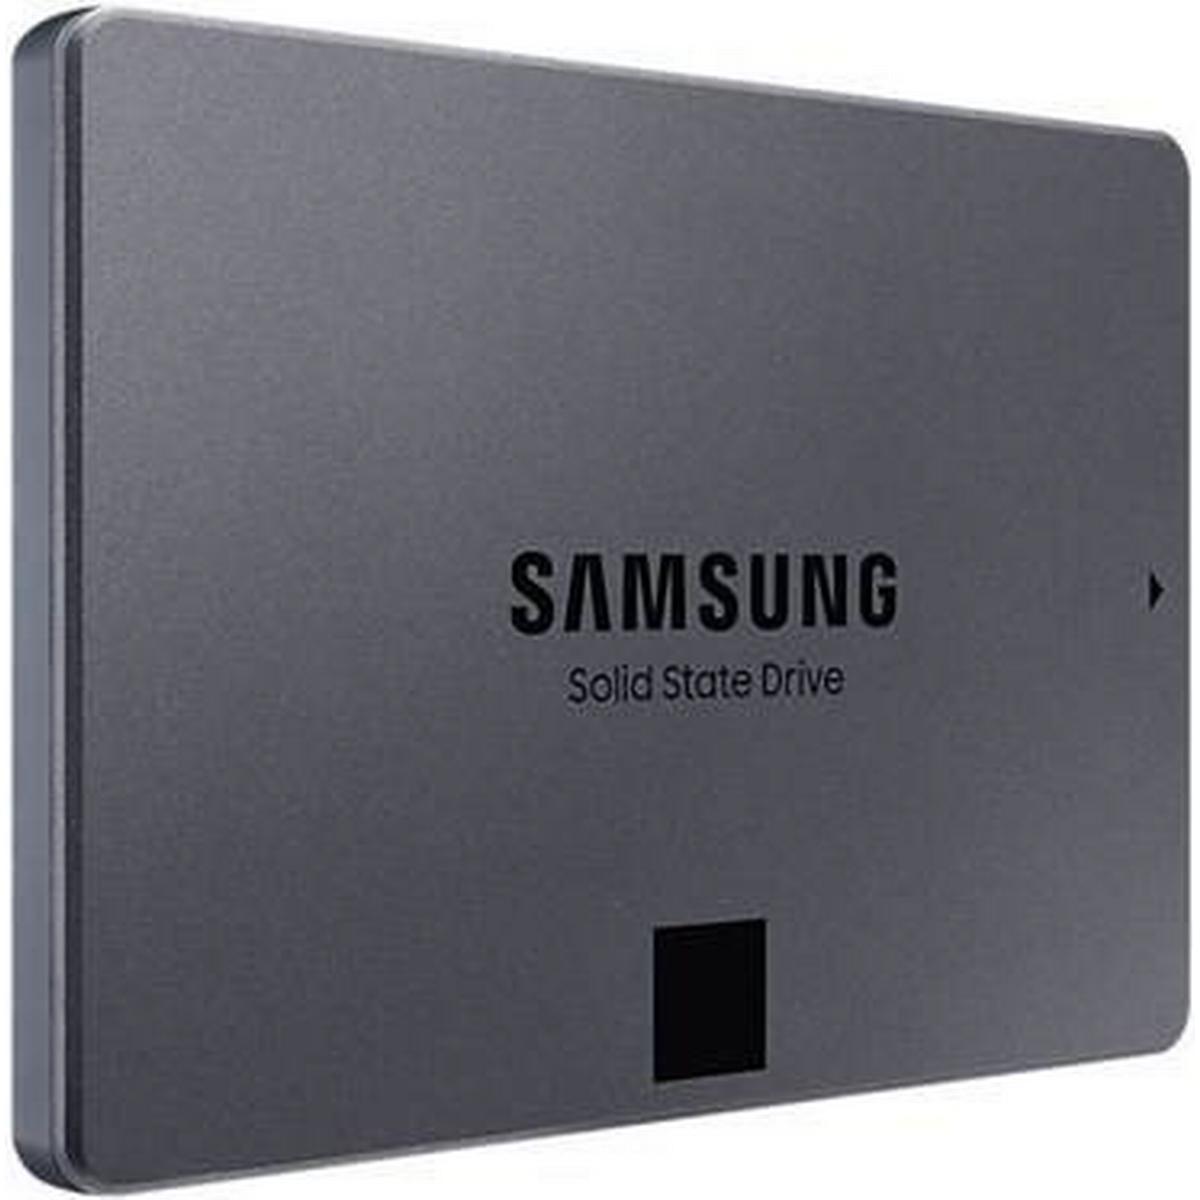 hvor meget er 1 tb harddisk